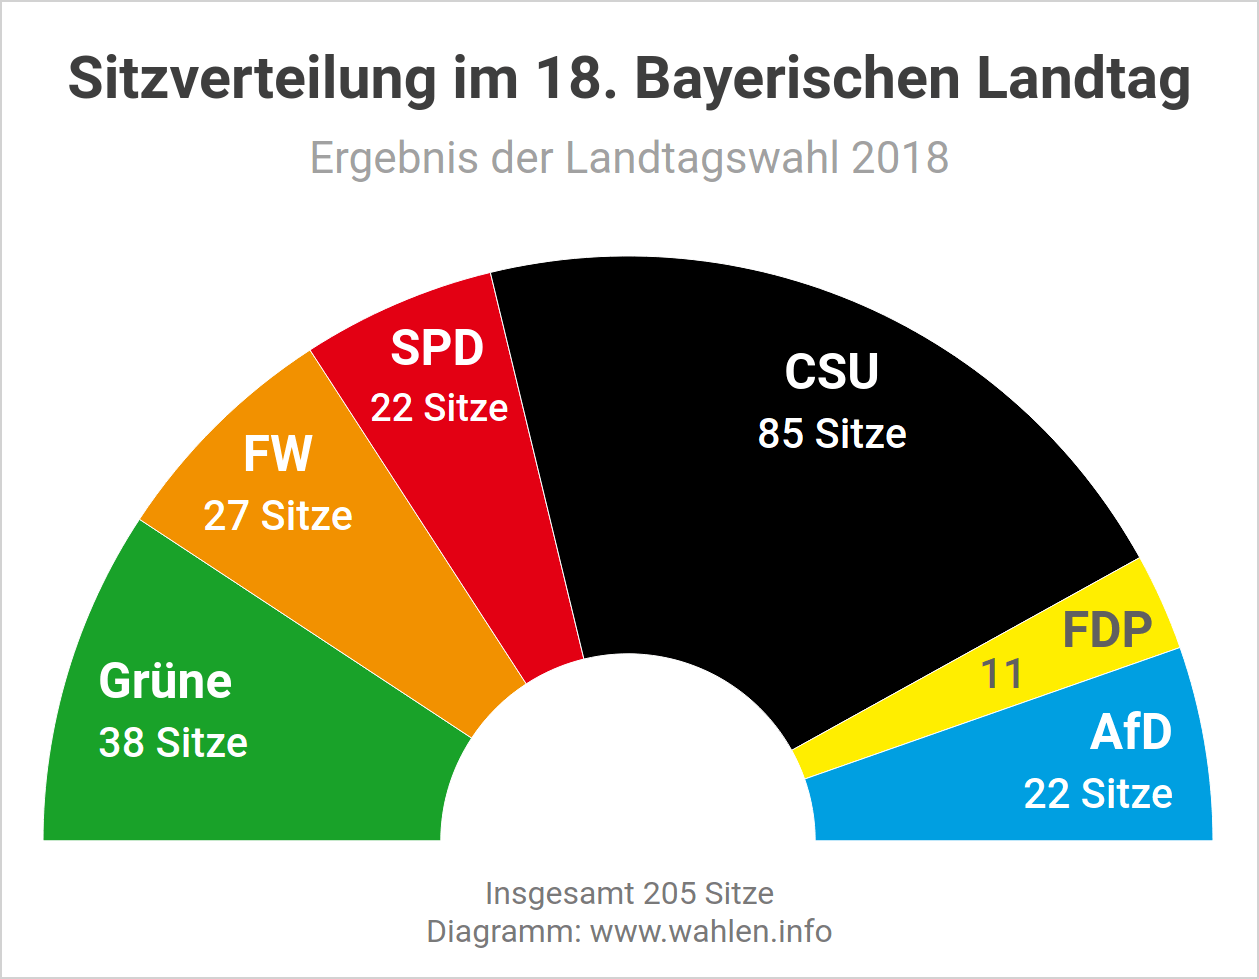 Landtagswahl in Bayern - Sitzverteilung und Sitzordnung im Landtag